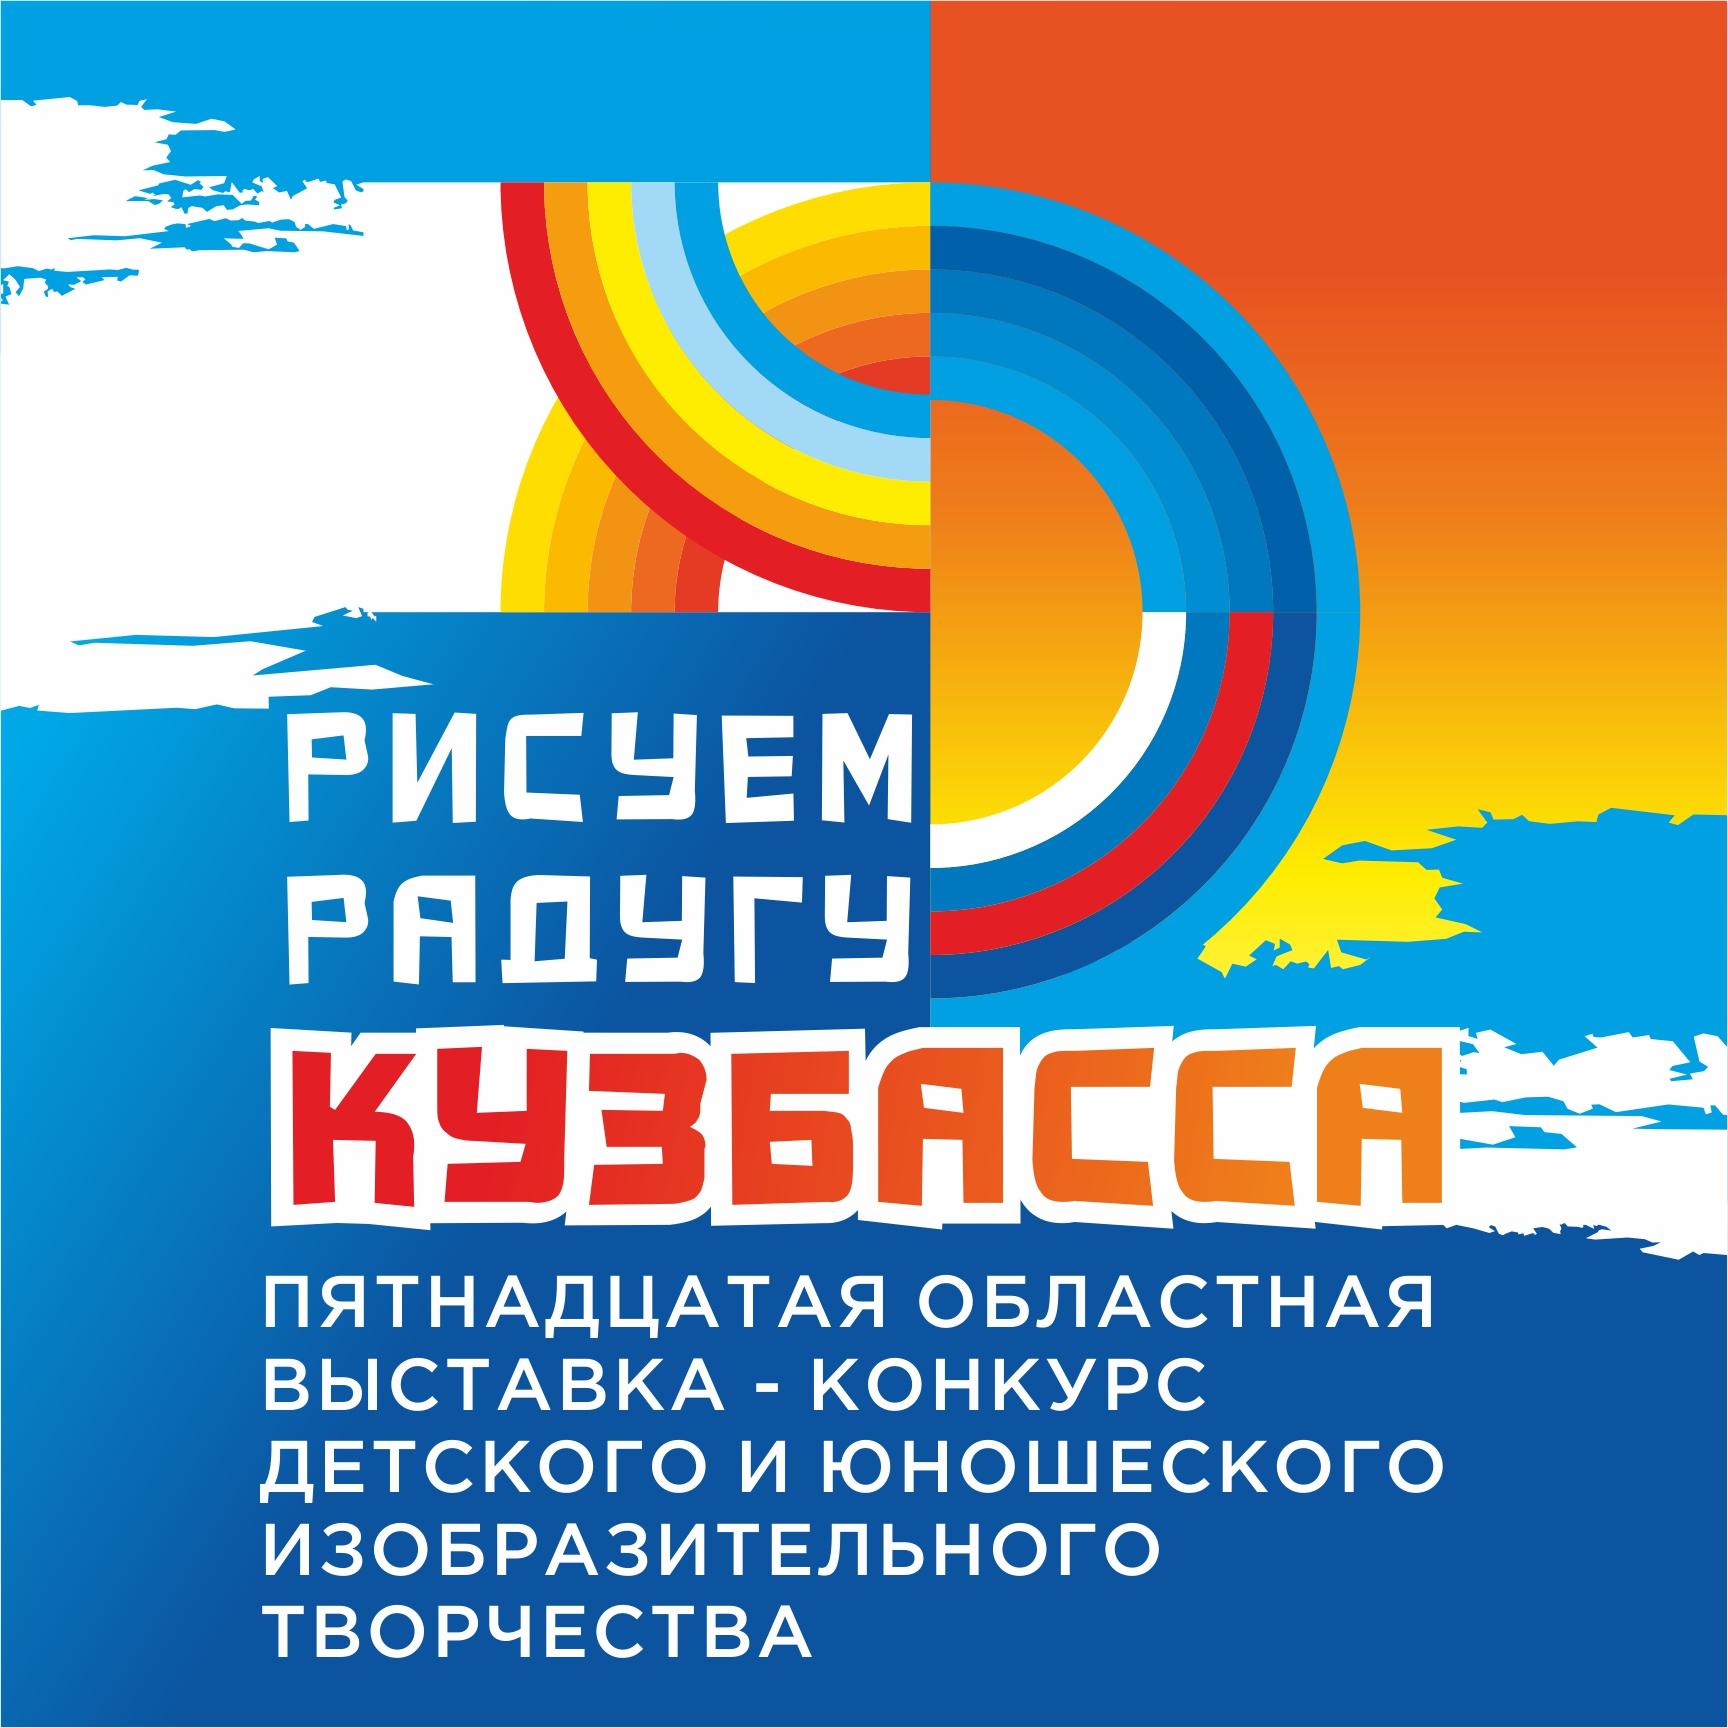 Итоги Пятнадцатой областной выставки-конкурса детского и юношеского изобразительного творчества «Рисуем радугу Кузбасса»